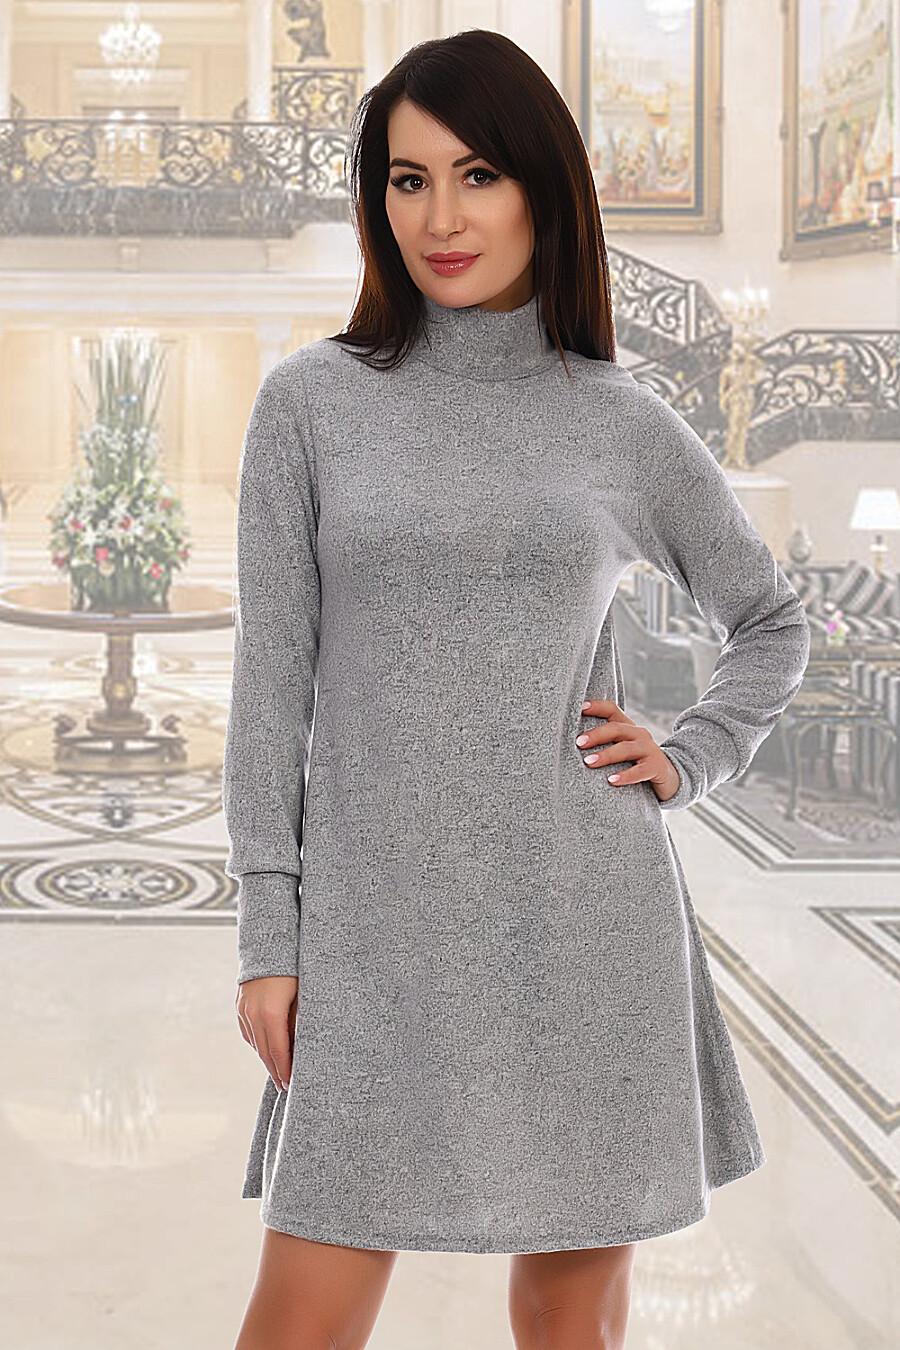 Платье Элен для женщин НАТАЛИ 682483 купить оптом от производителя. Совместная покупка женской одежды в OptMoyo